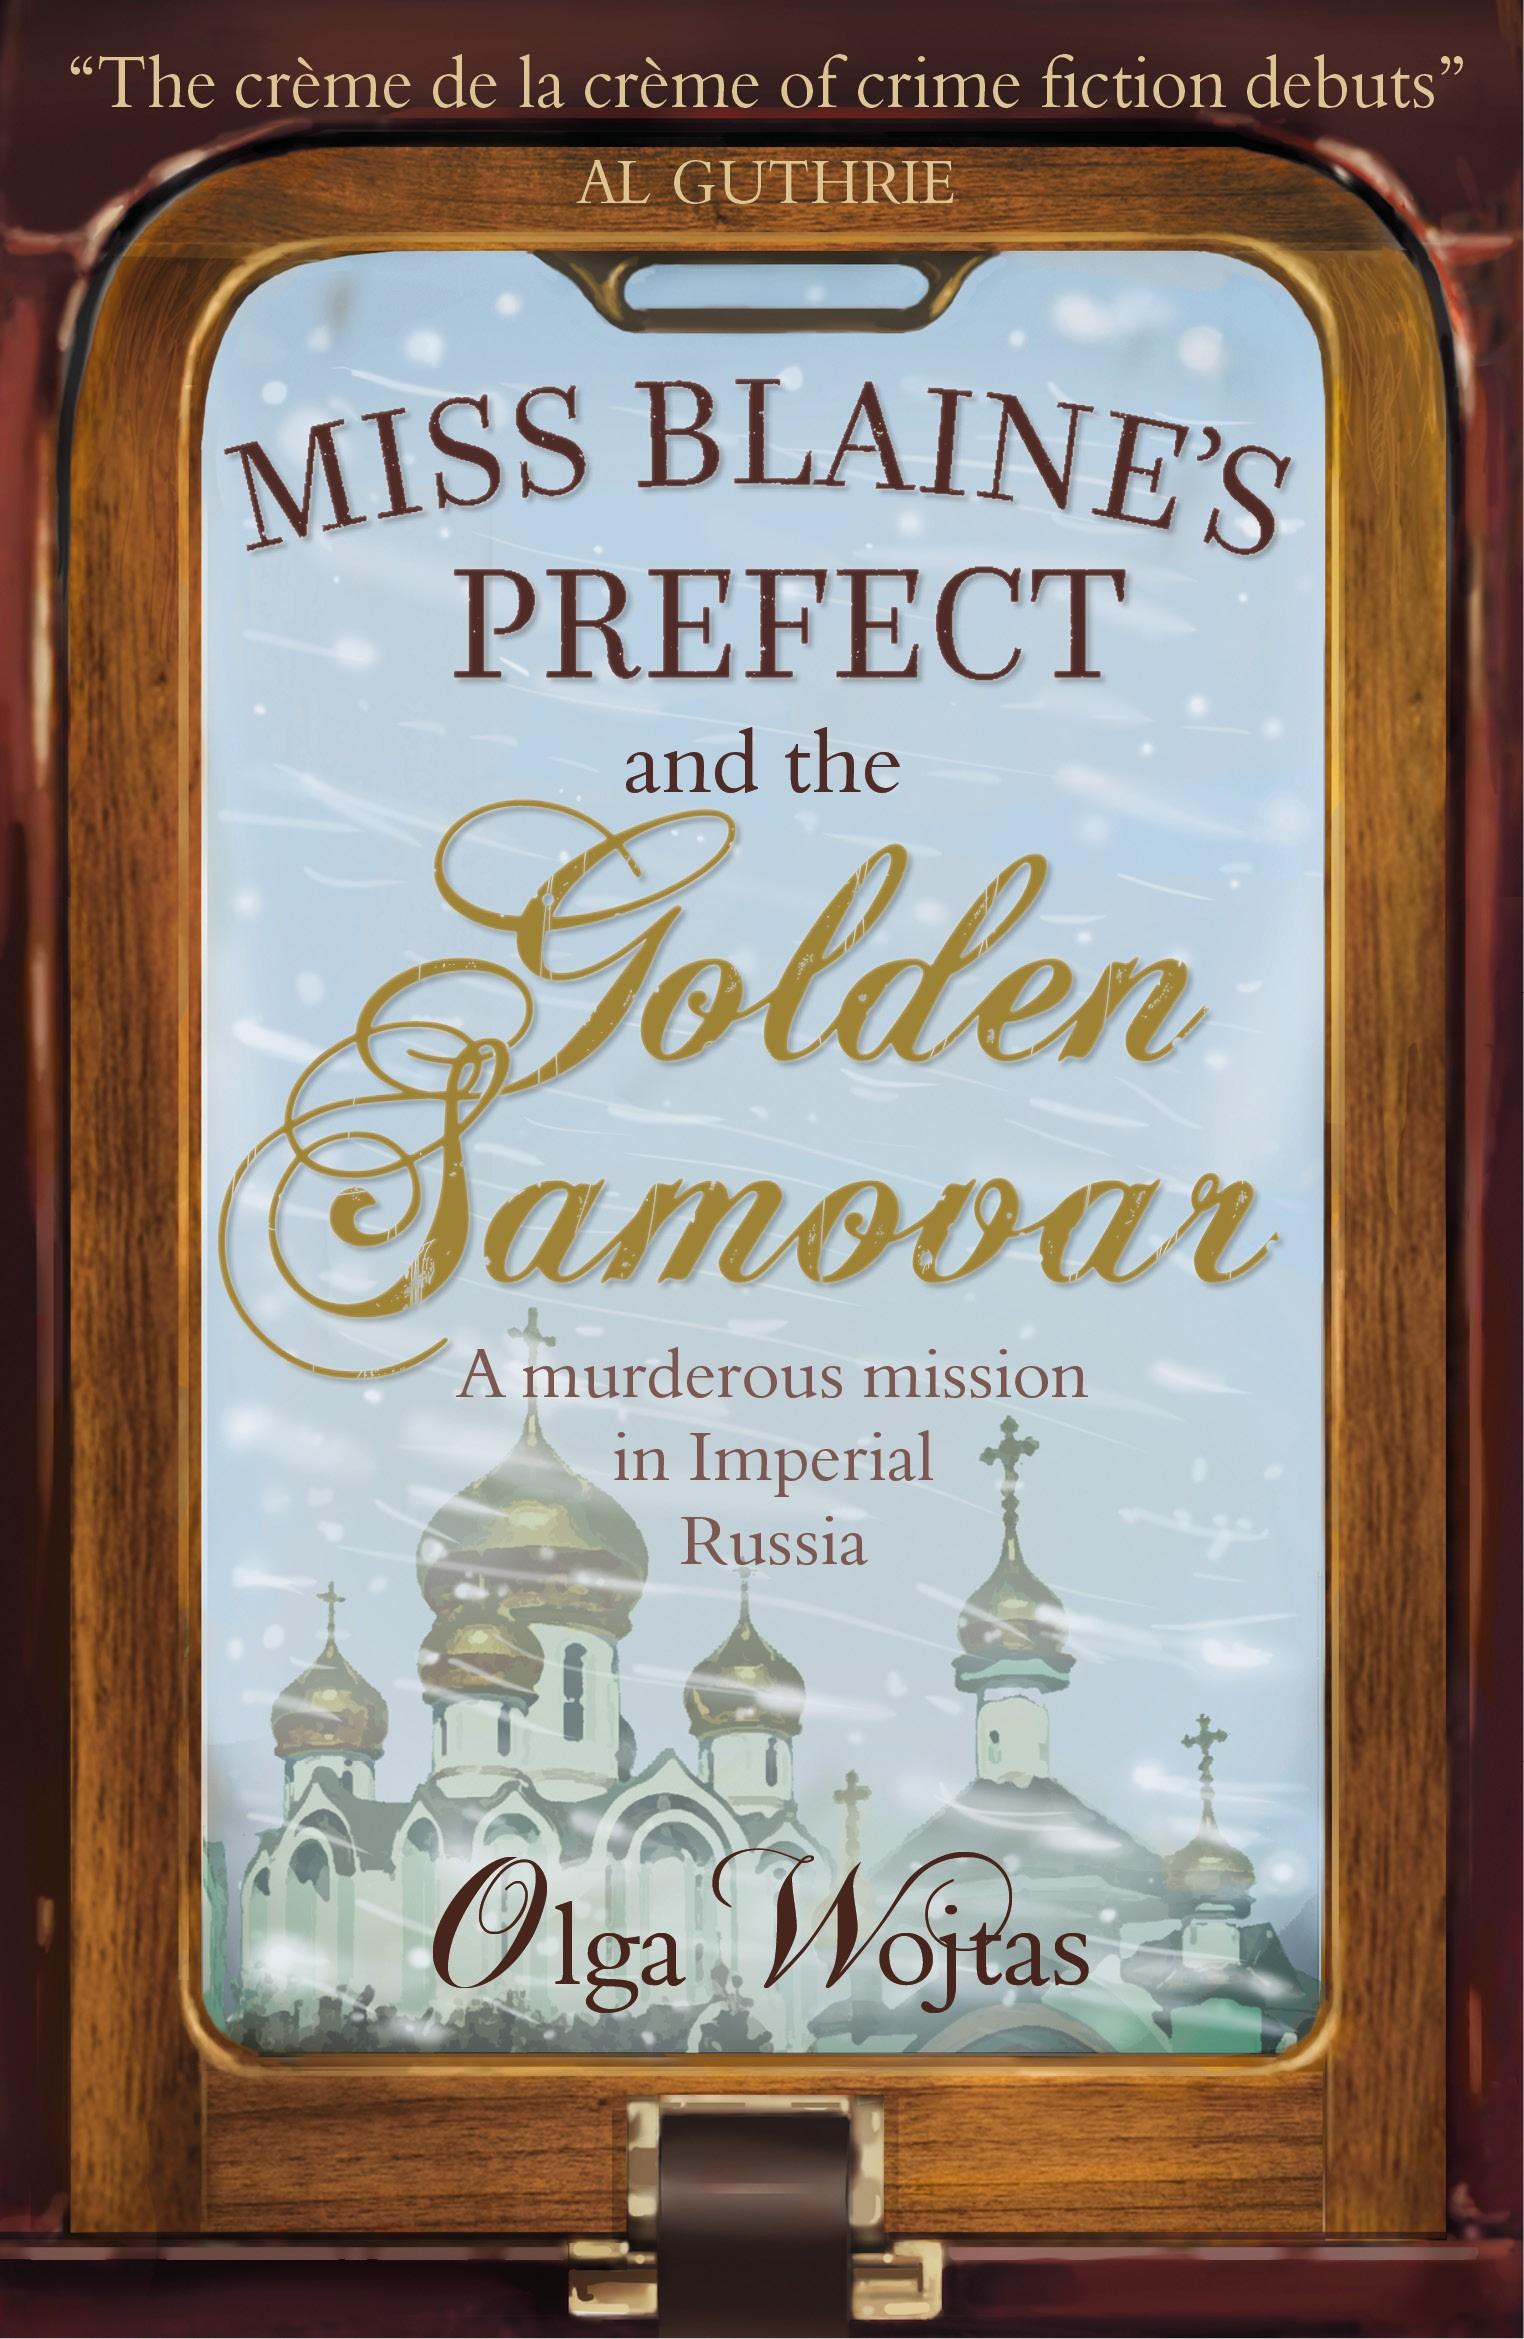 Miss Blaine's Prefect and the Golden Samovar